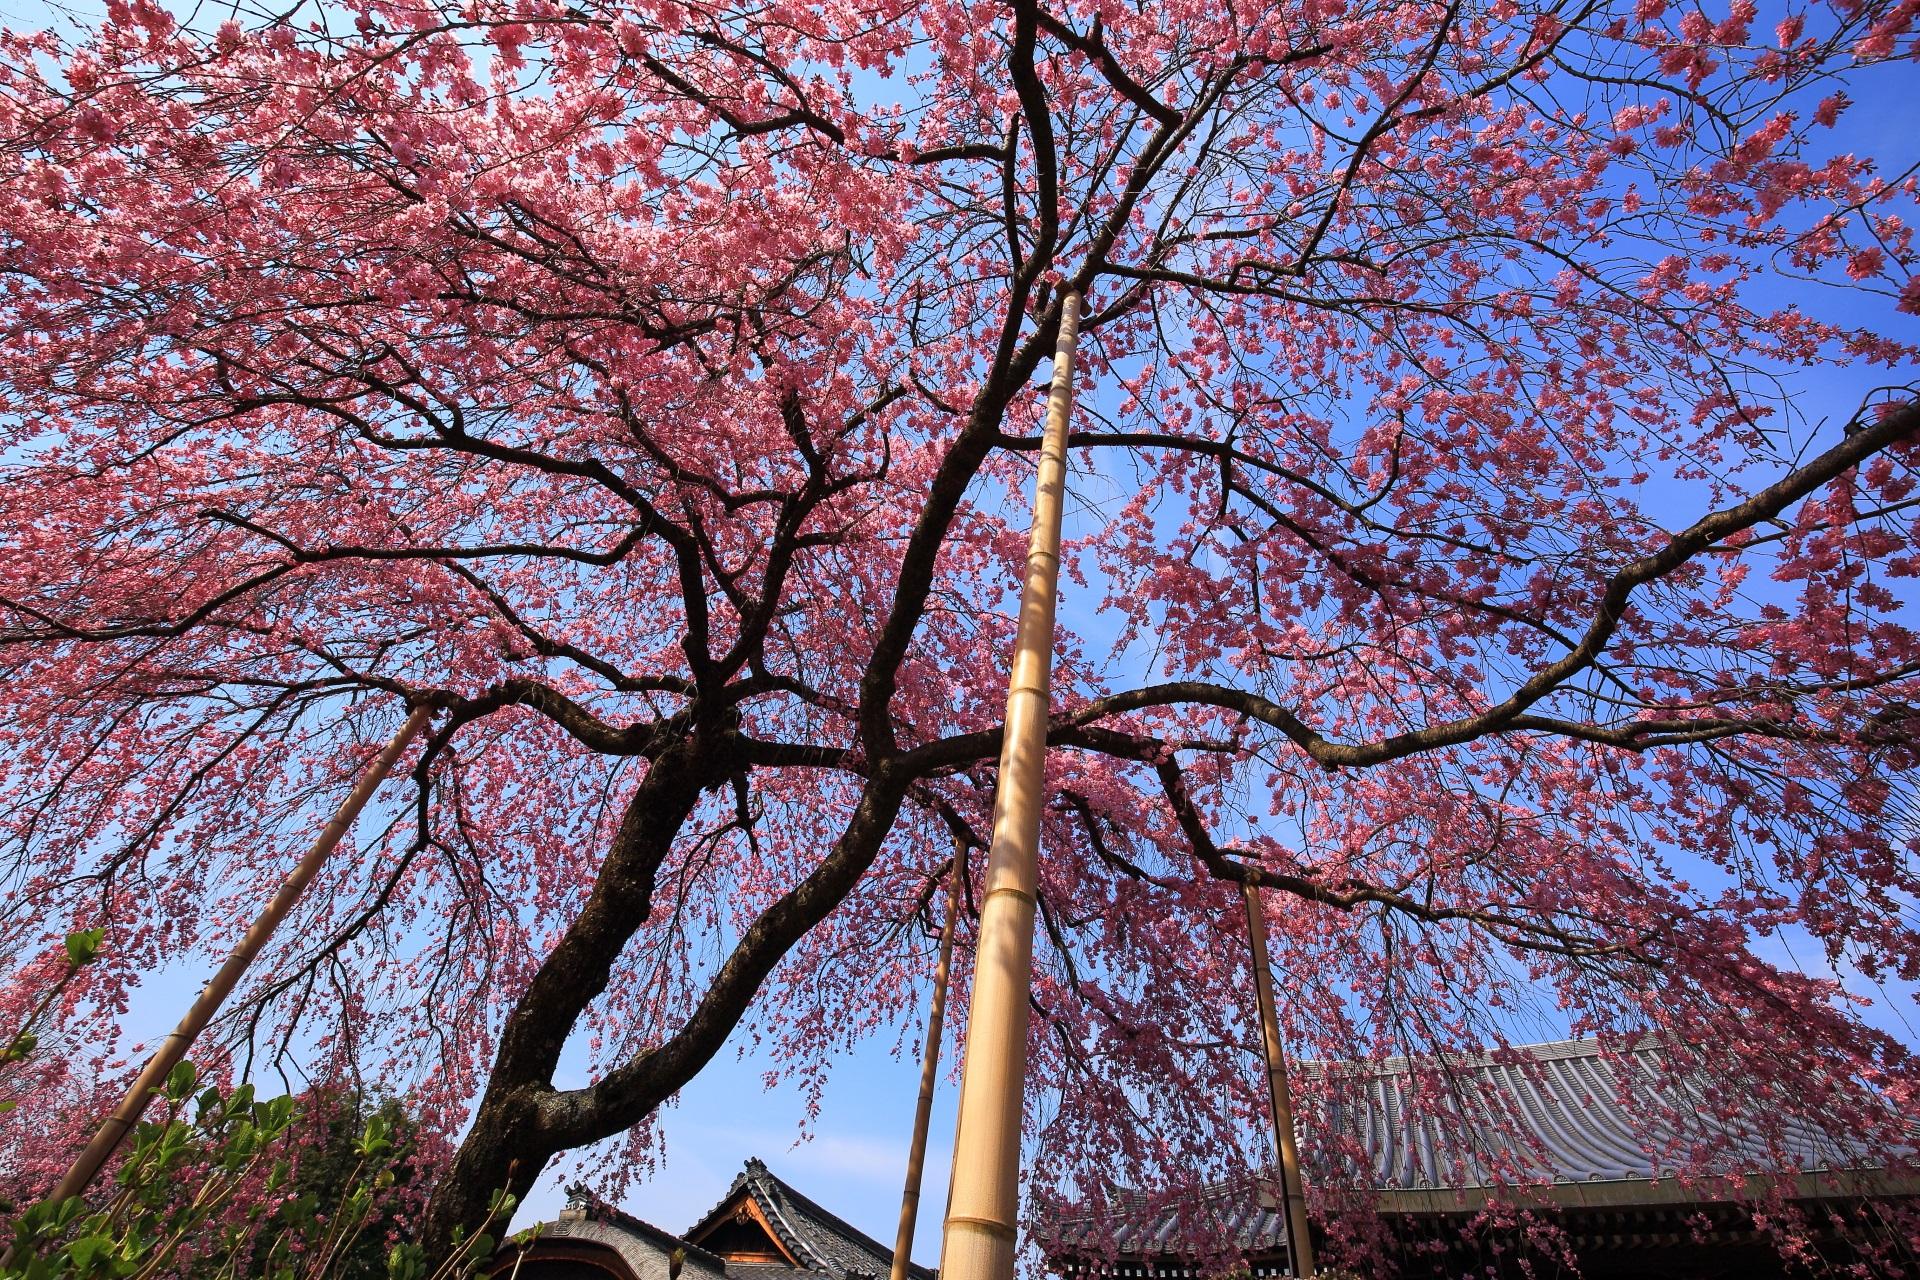 青空を鮮やかなピンクに彩る下から見上げた待賢門院桜